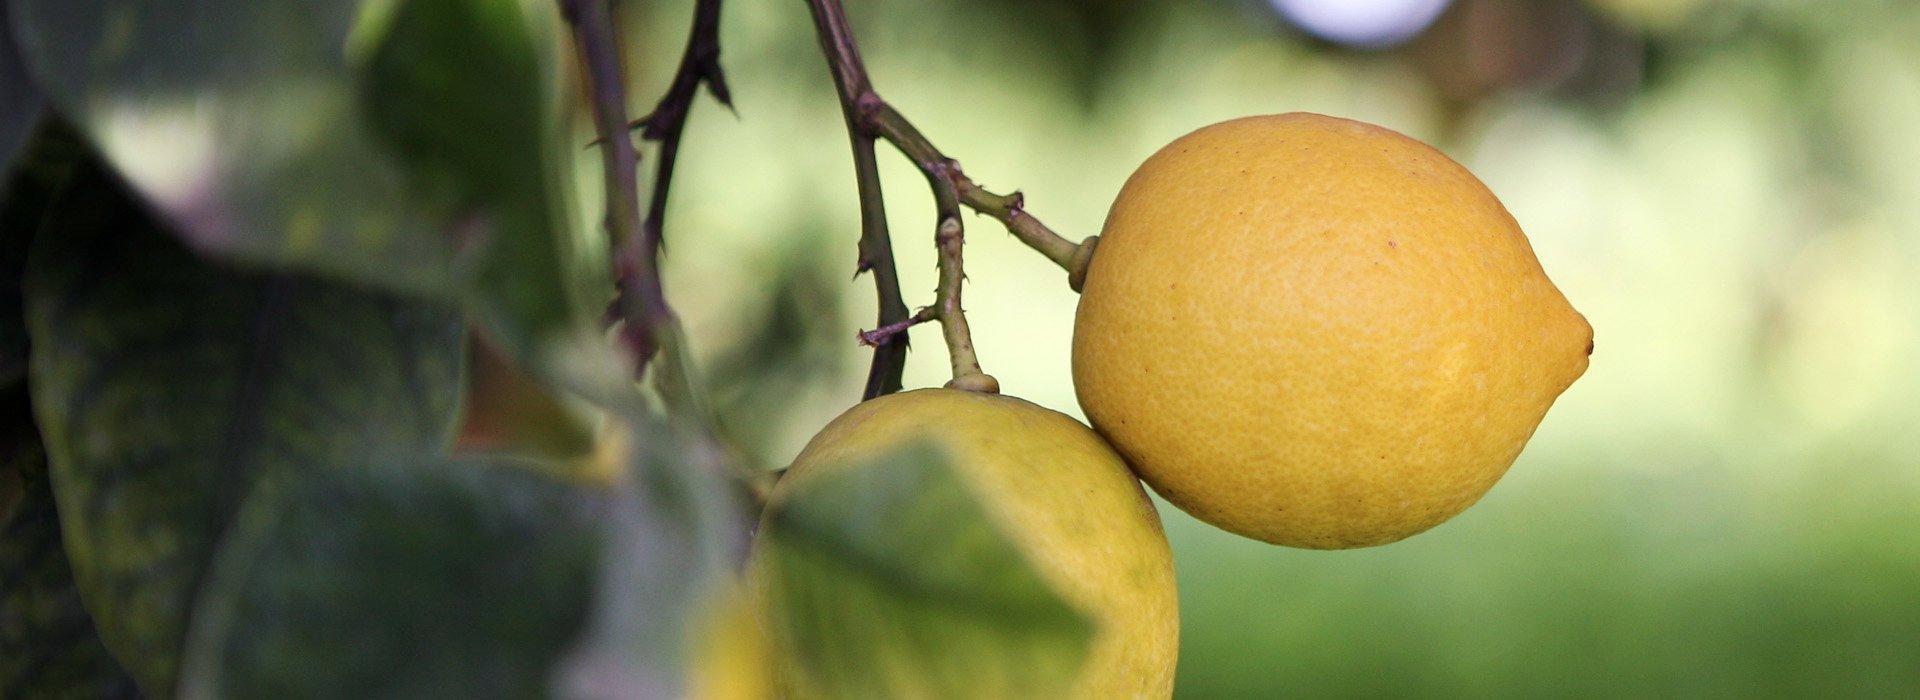 Immagine della pianta dei limoni